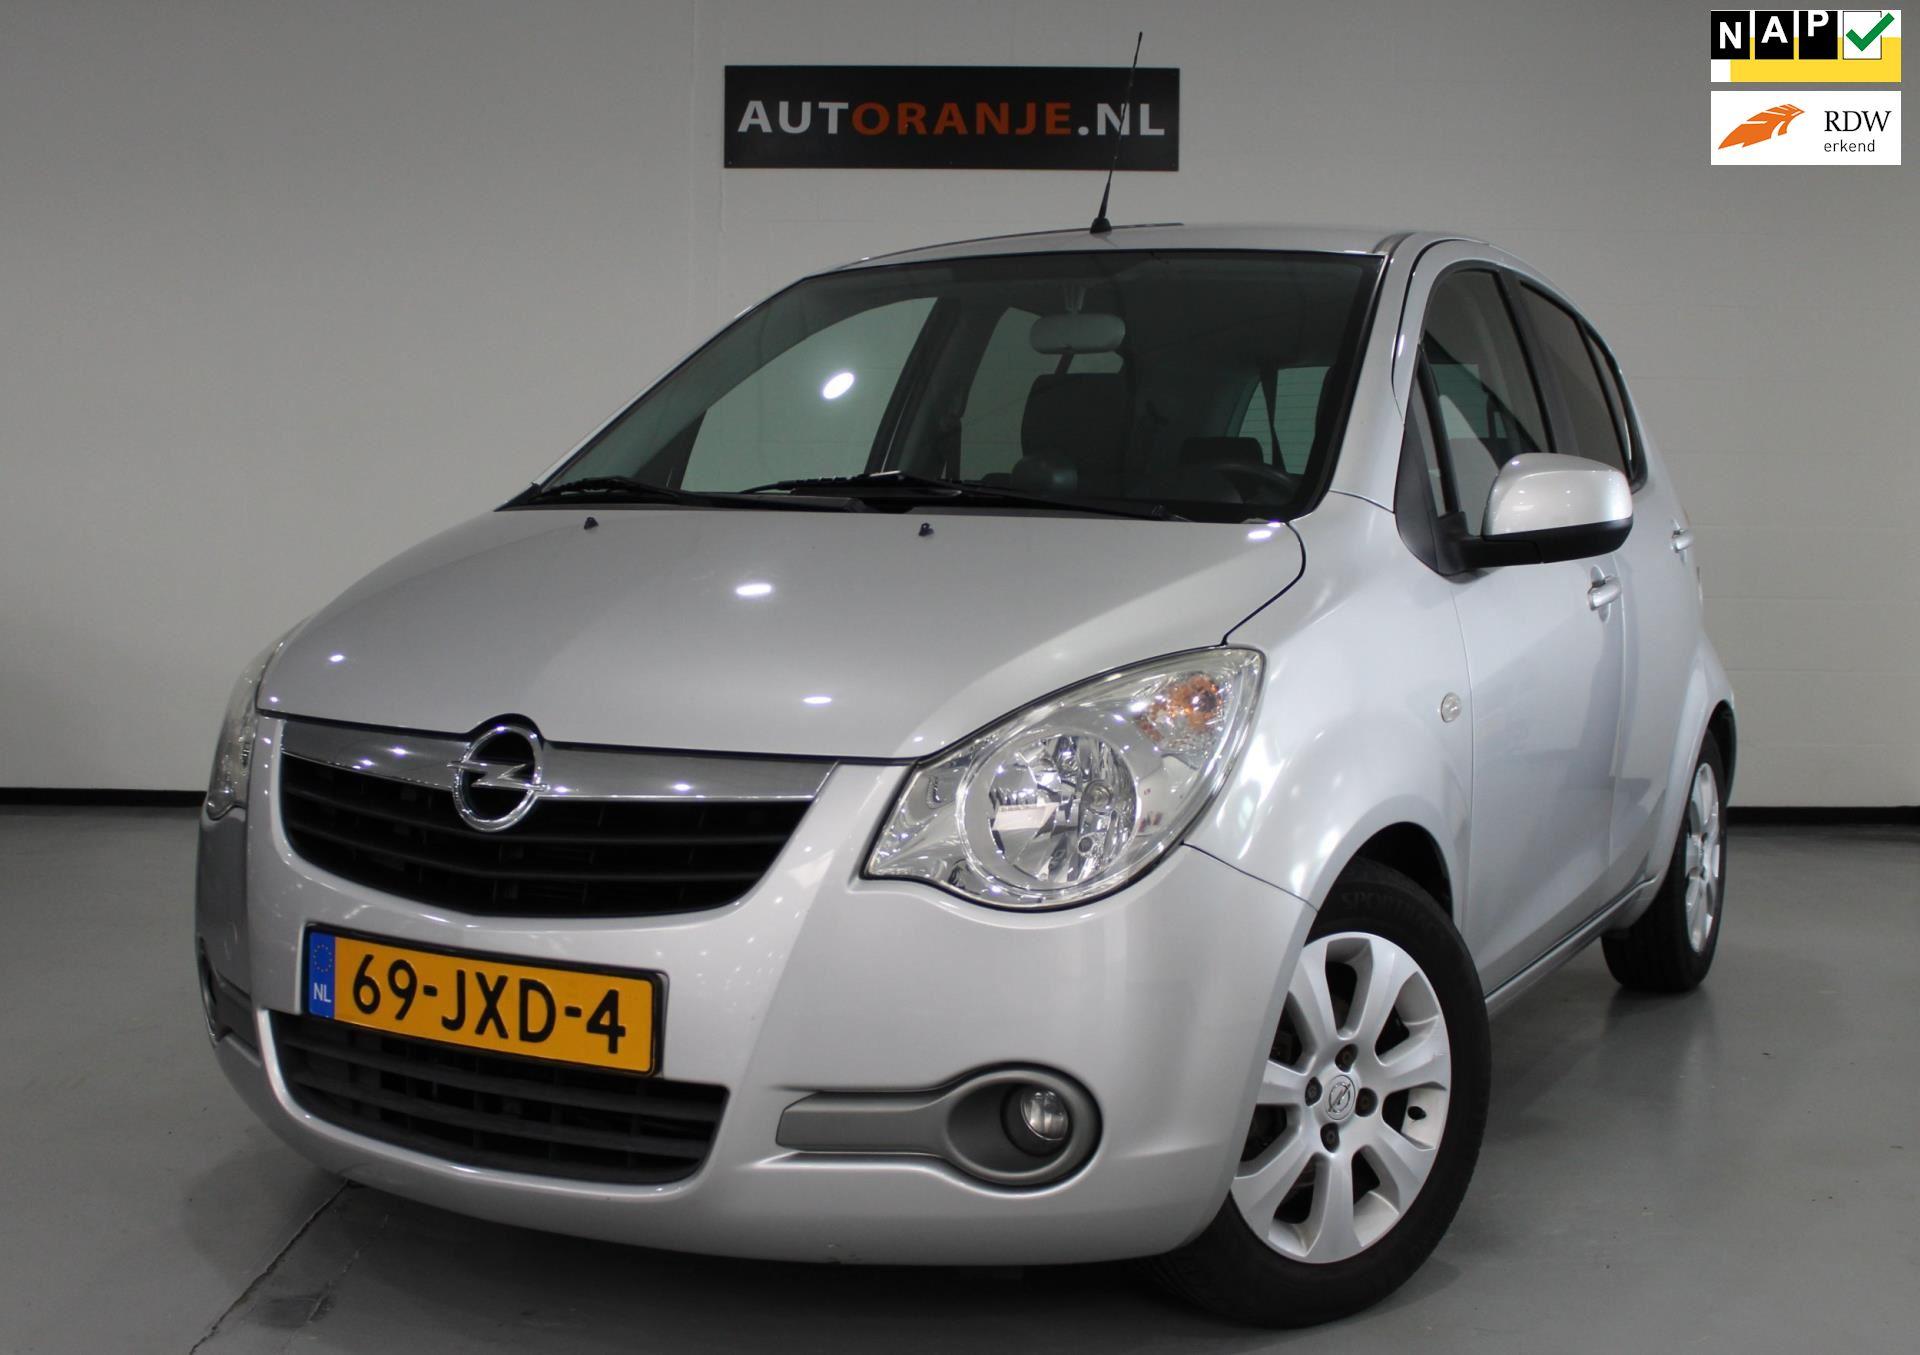 Opel Agila occasion - Autoranje